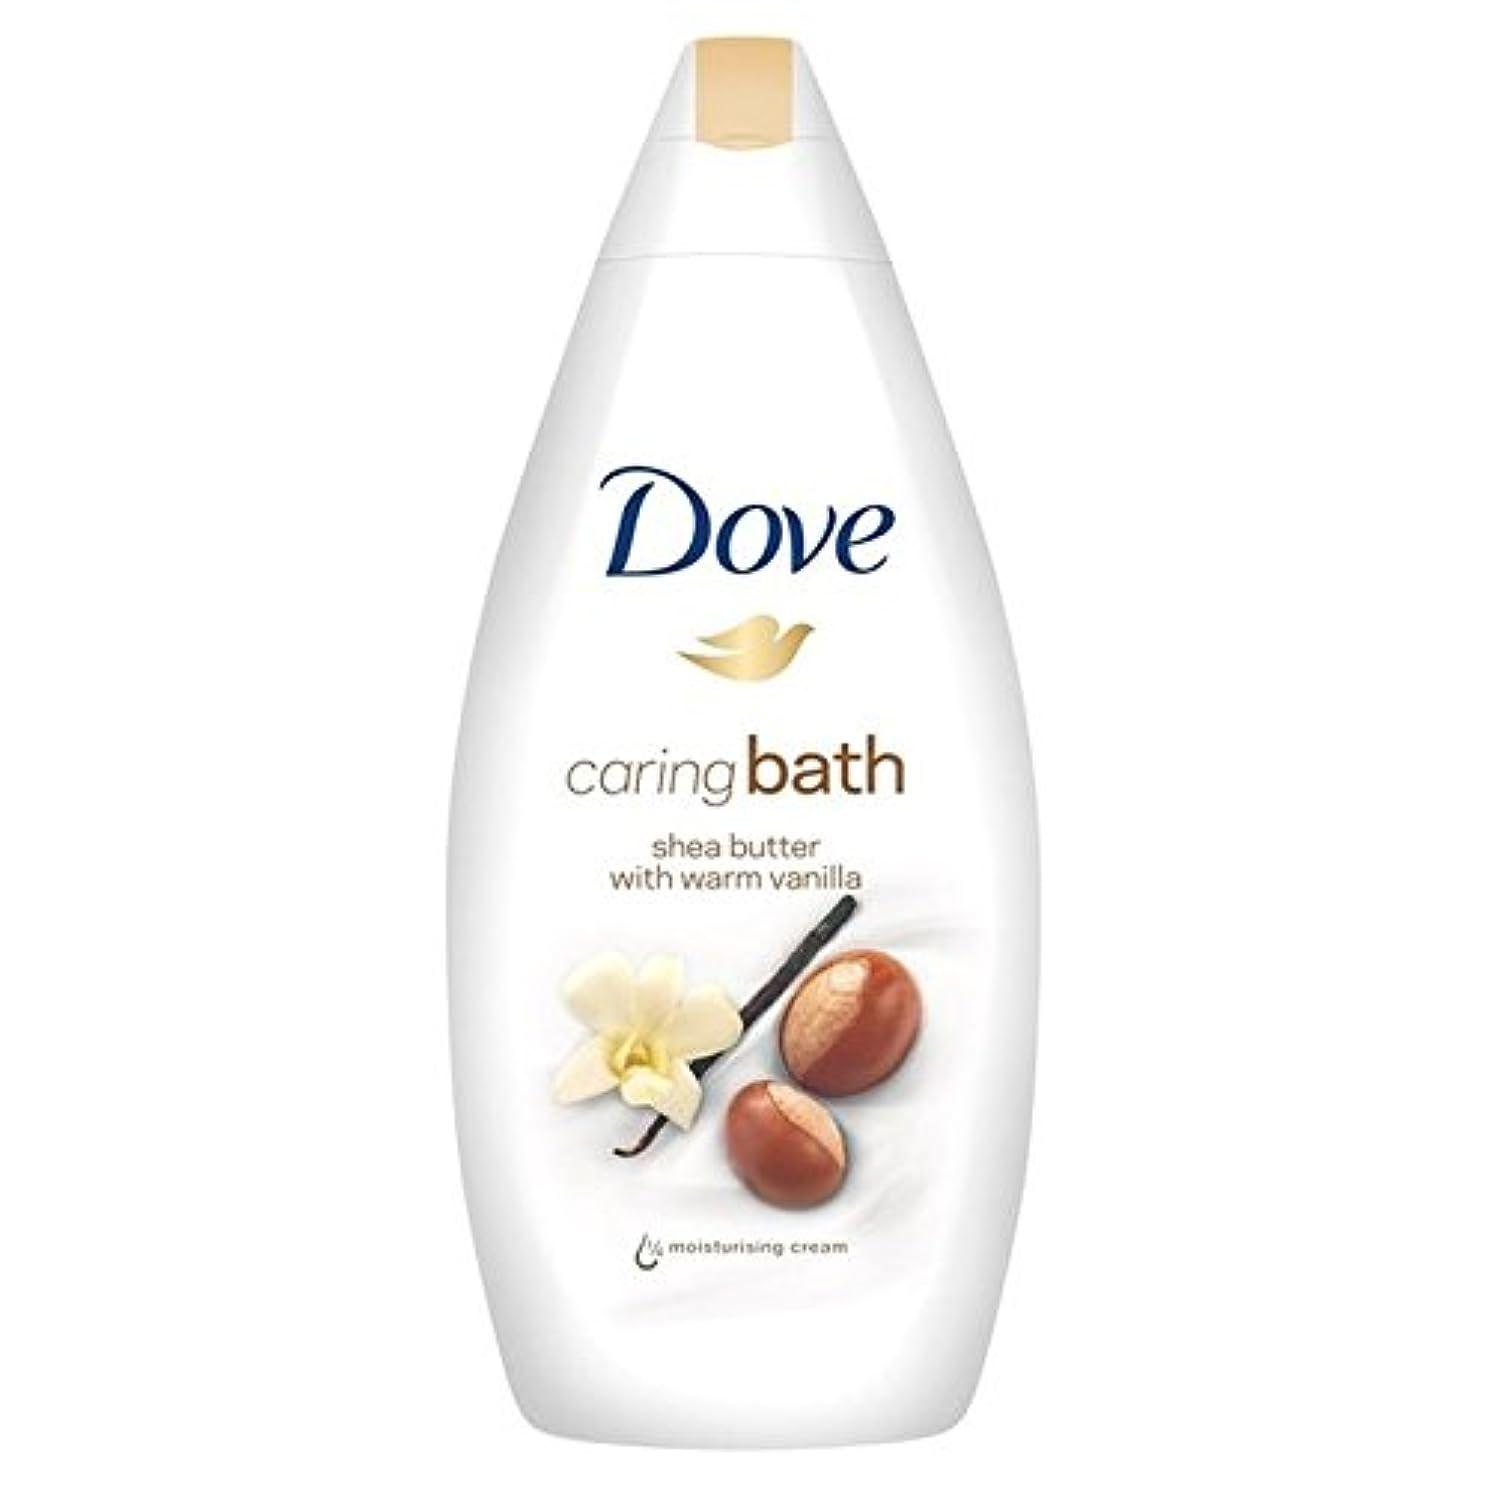 滑り台部推論鳩純粋な贅沢シアバター思いやりのあるクリームバス500ミリリットル x2 - Dove Purely Pampering Shea Butter Caring Cream Bath 500ml (Pack of 2) [...